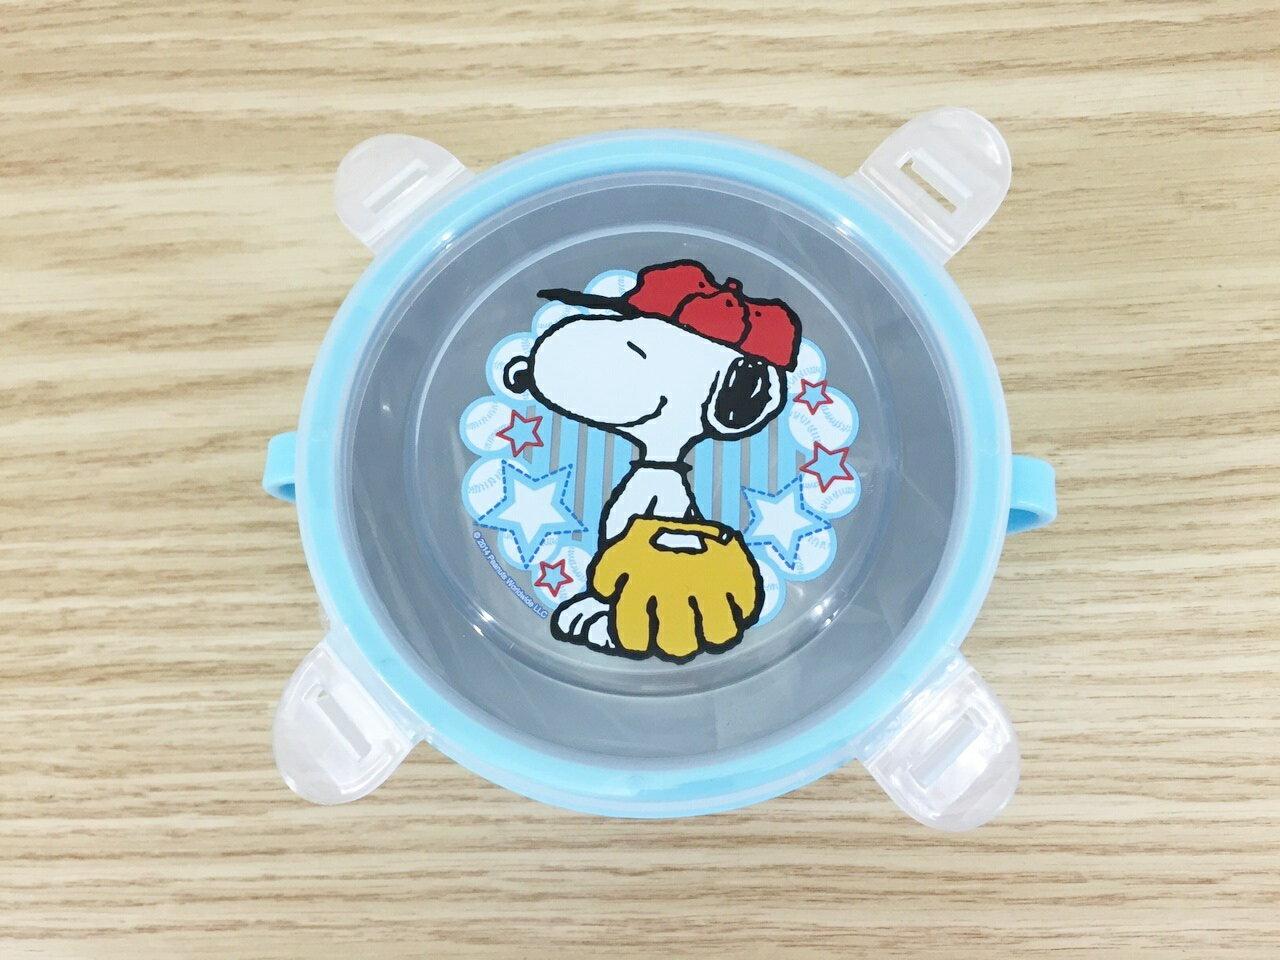 【真愛日本】15122600009 不鏽鋼扣環隔熱碗 史努比 Snoopy 餐盒 餐具 便當盒 生活用品 餐碗